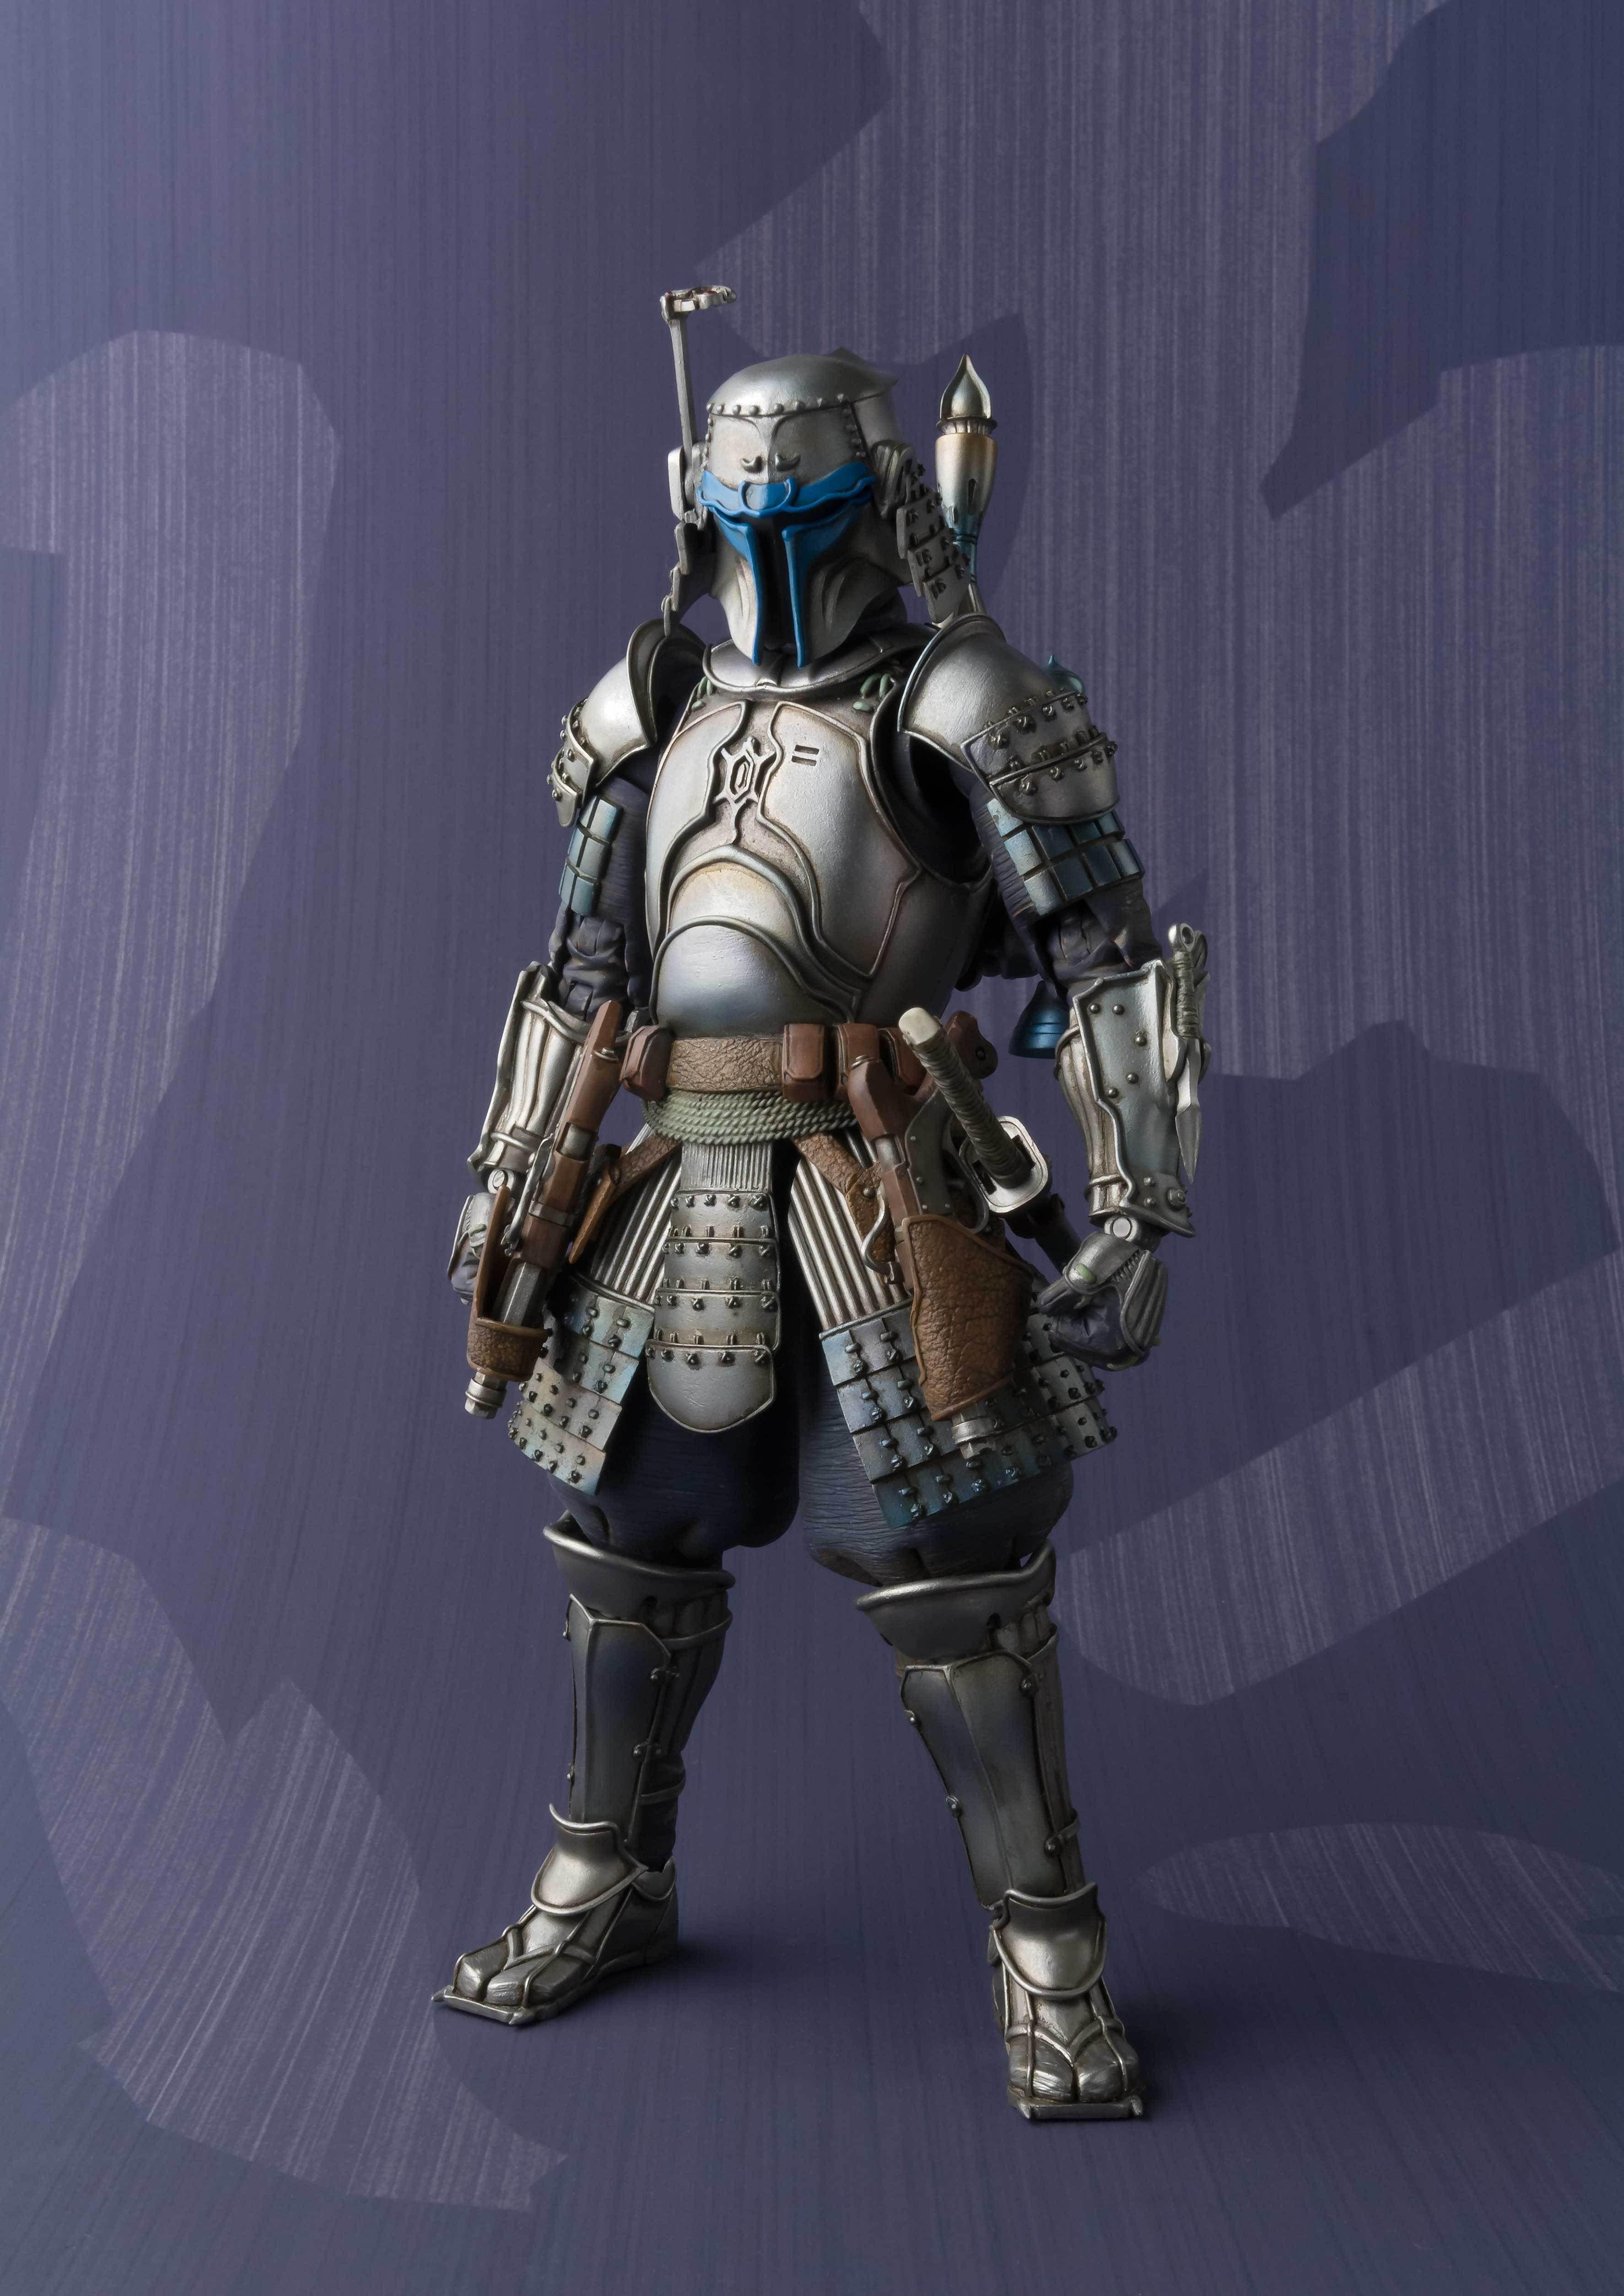 2017 HOT Star Wars Stormtrooper Darth Vader Boba Fett Samurai Movie Realization